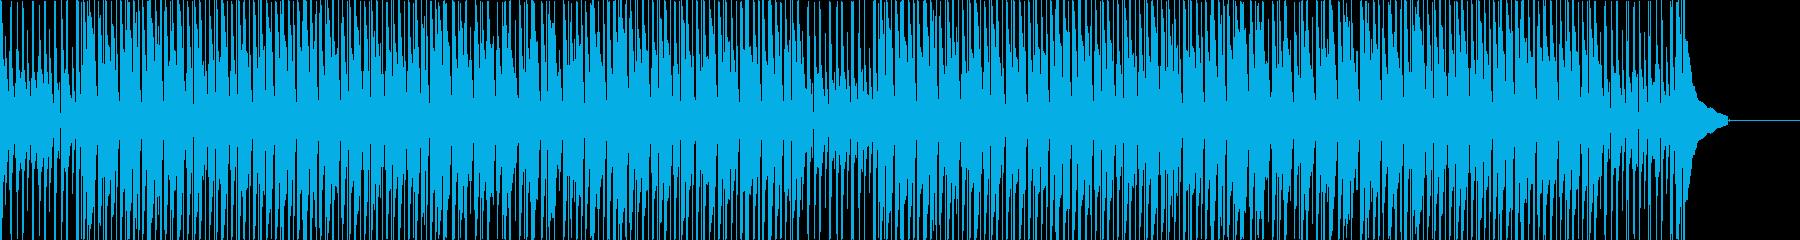 【メロディ抜き】ウクレレの軽快で前向きなの再生済みの波形